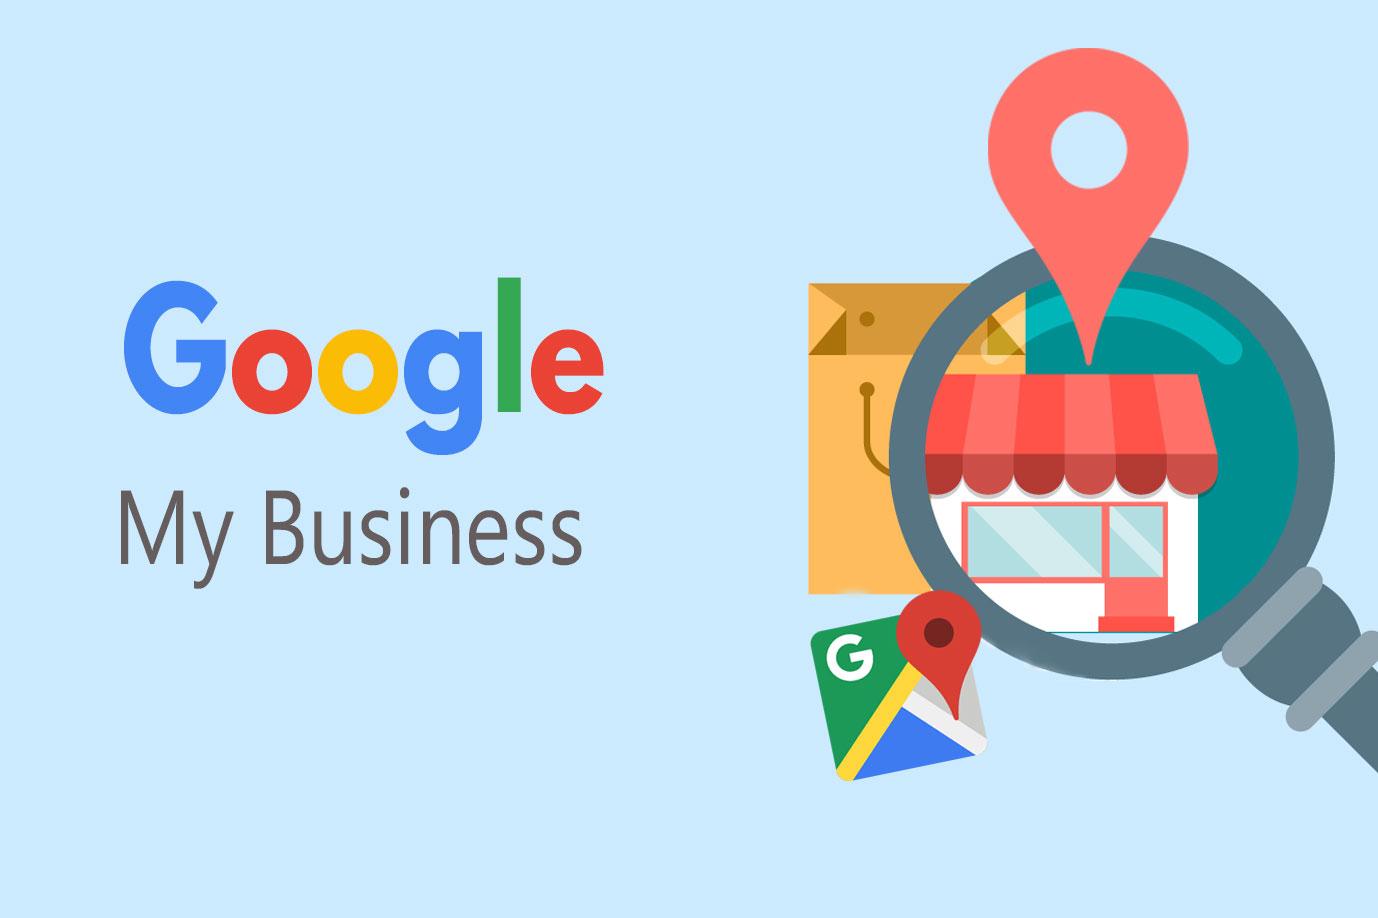 Google Business là gì? Ăng ký google my business sẽ làm cho khách hàng tin tưởng bạn hơn